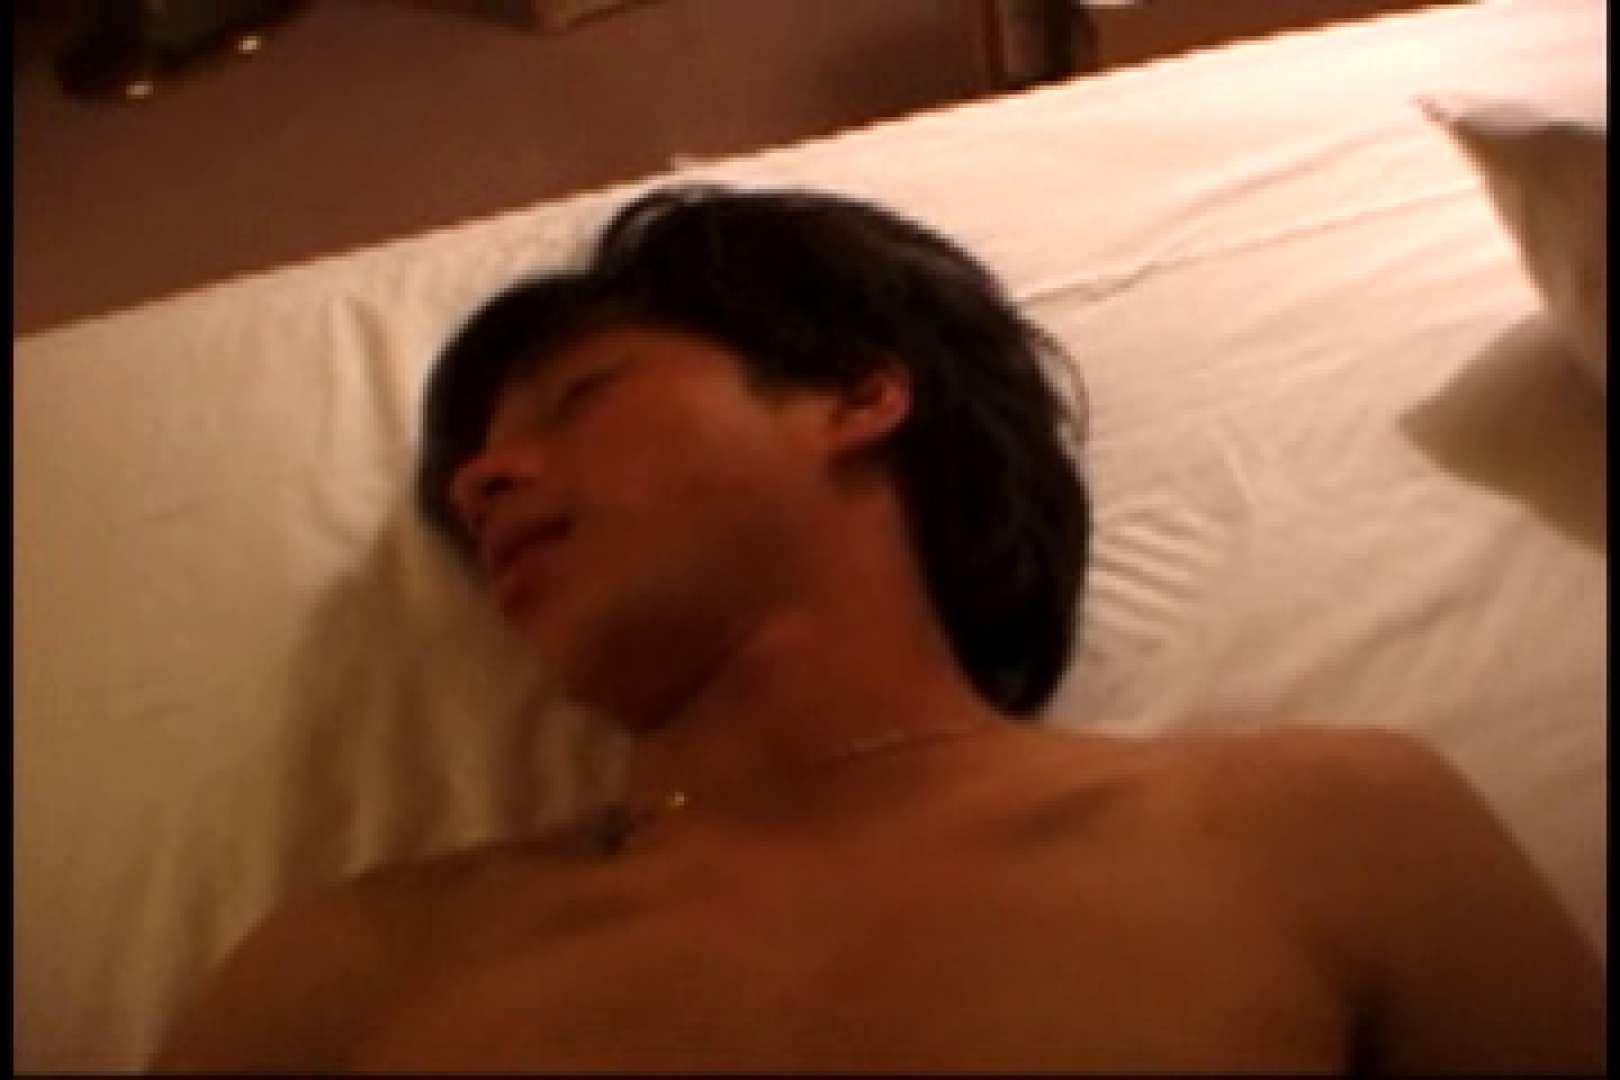 三ッ星シリーズ!!イケメン羞恥心!!File.03 オナニー アダルトビデオ画像キャプチャ 65枚 43